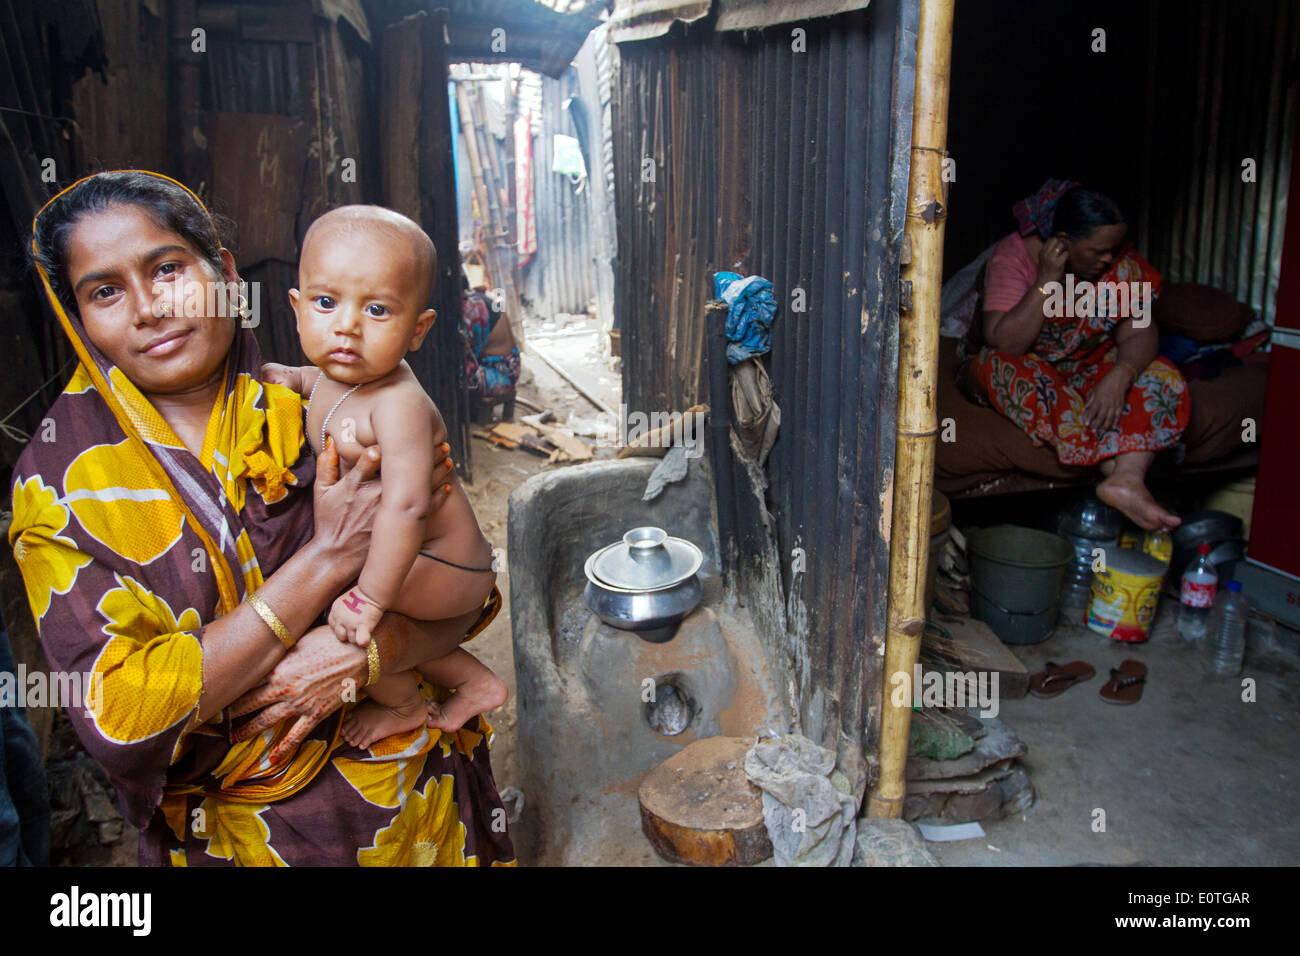 Pueblo de Bangladesh en shanty parte de Dhaka viven en la extrema pobreza. Imagen De Stock